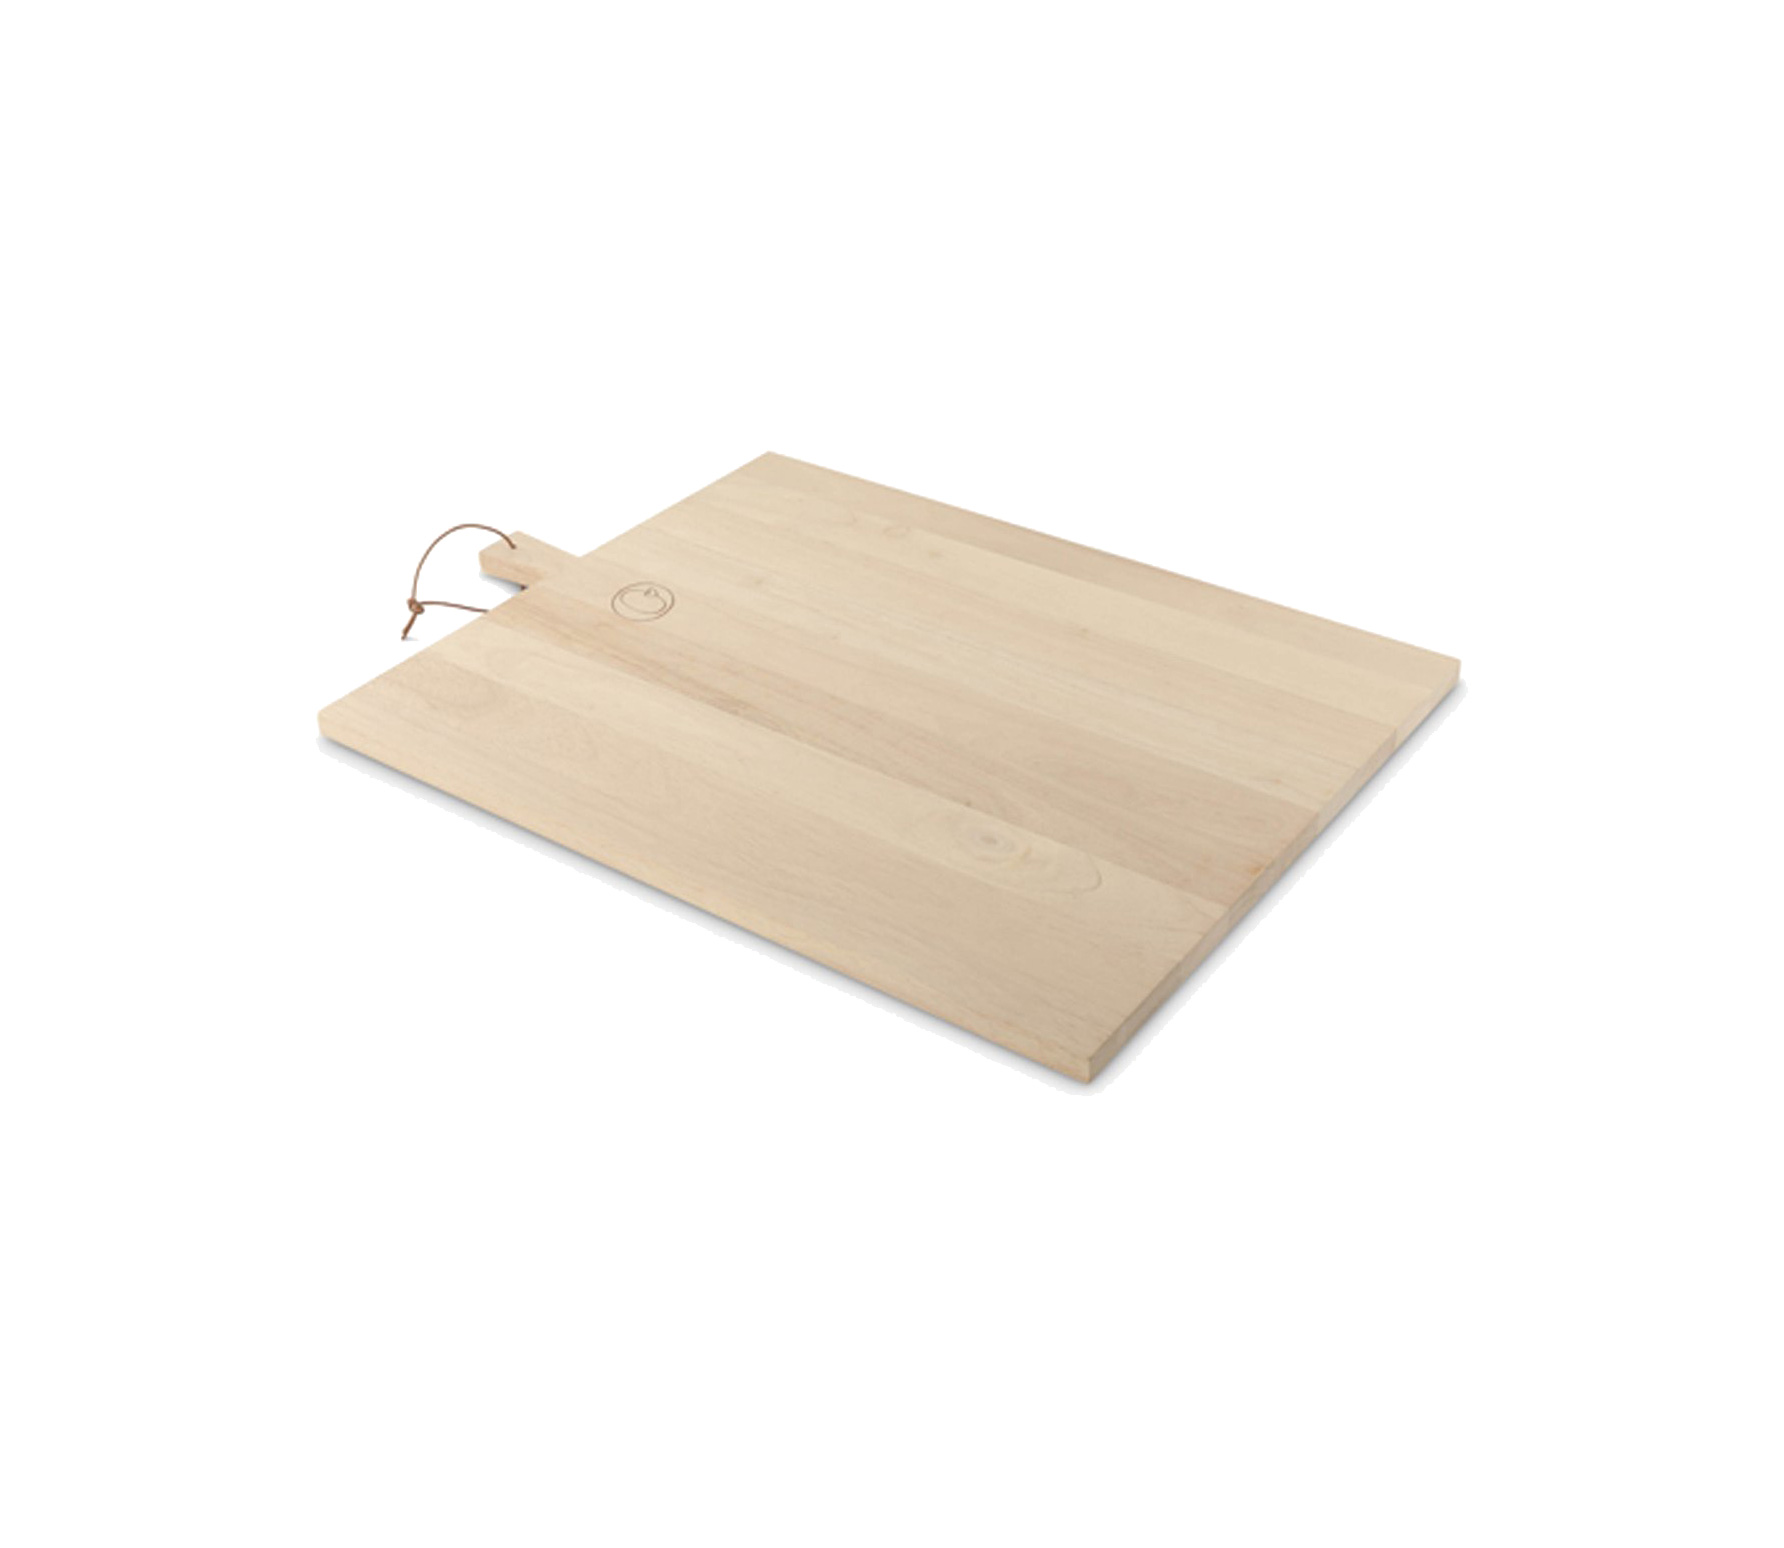 vtwonen Tray rubberhout 50x40 cm 50 x 40 cm